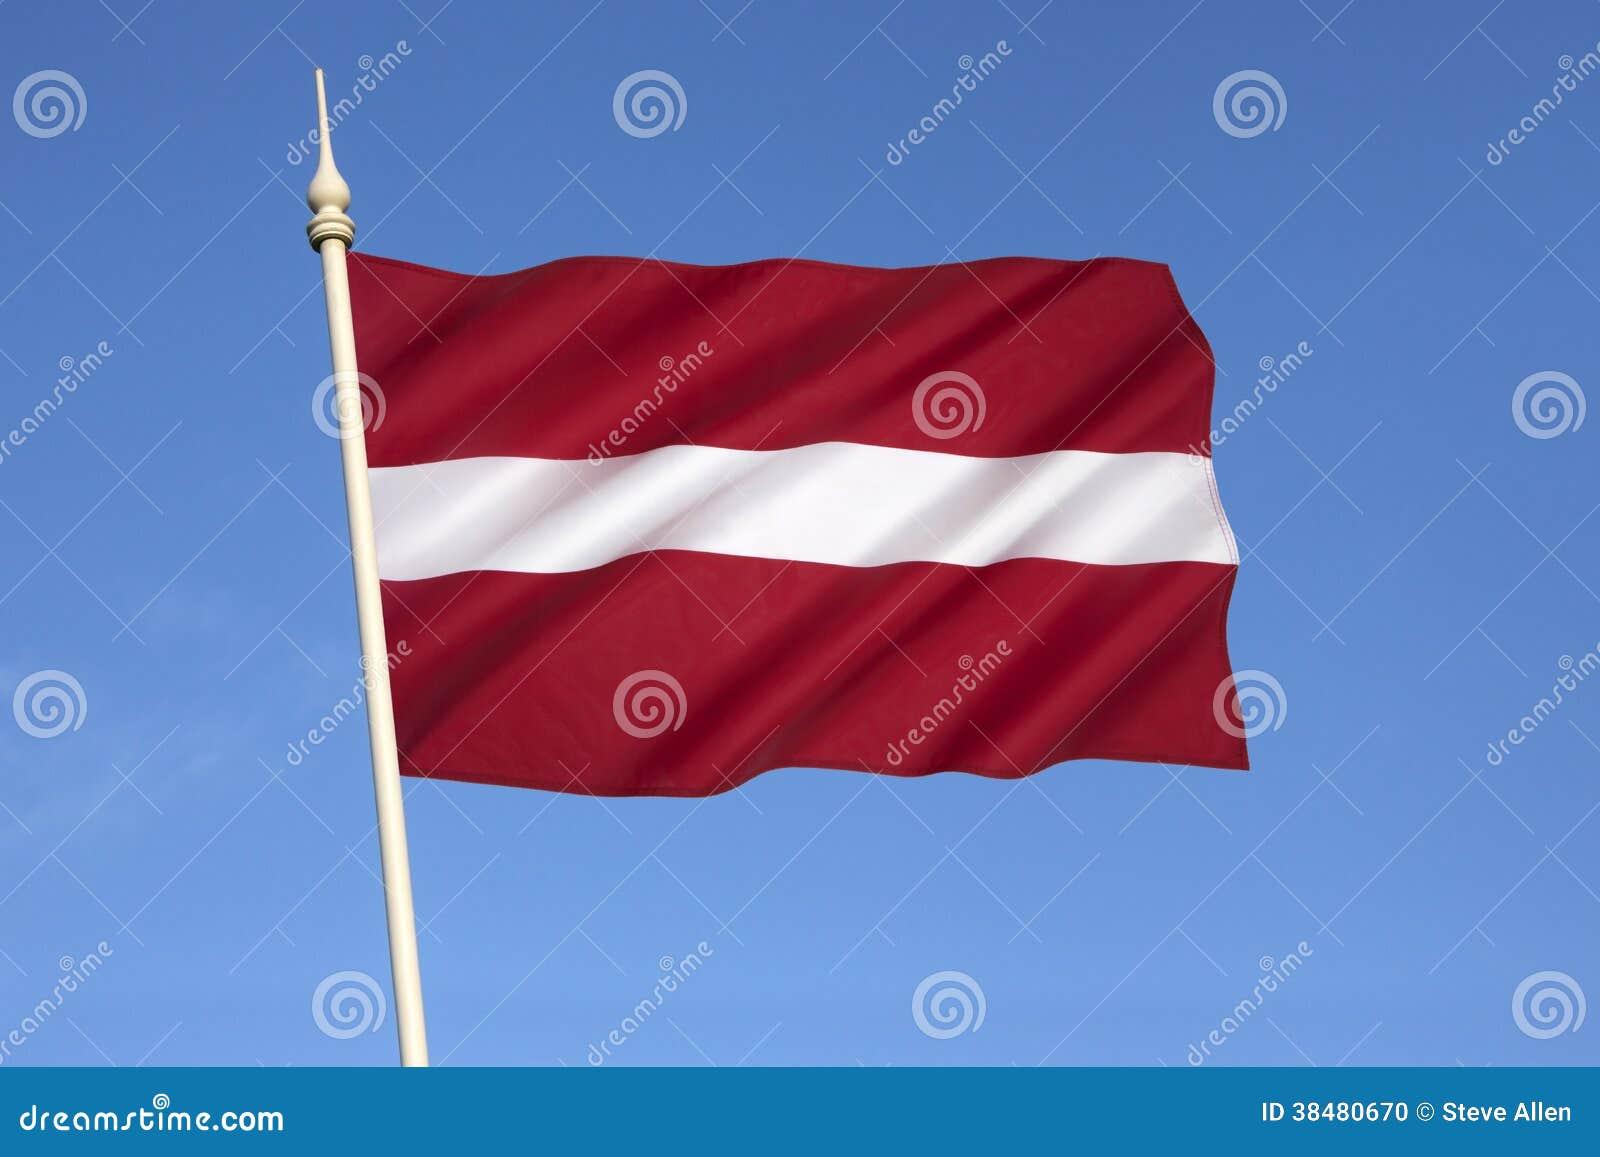 Bandera nacional de Letonia - Estados bálticos